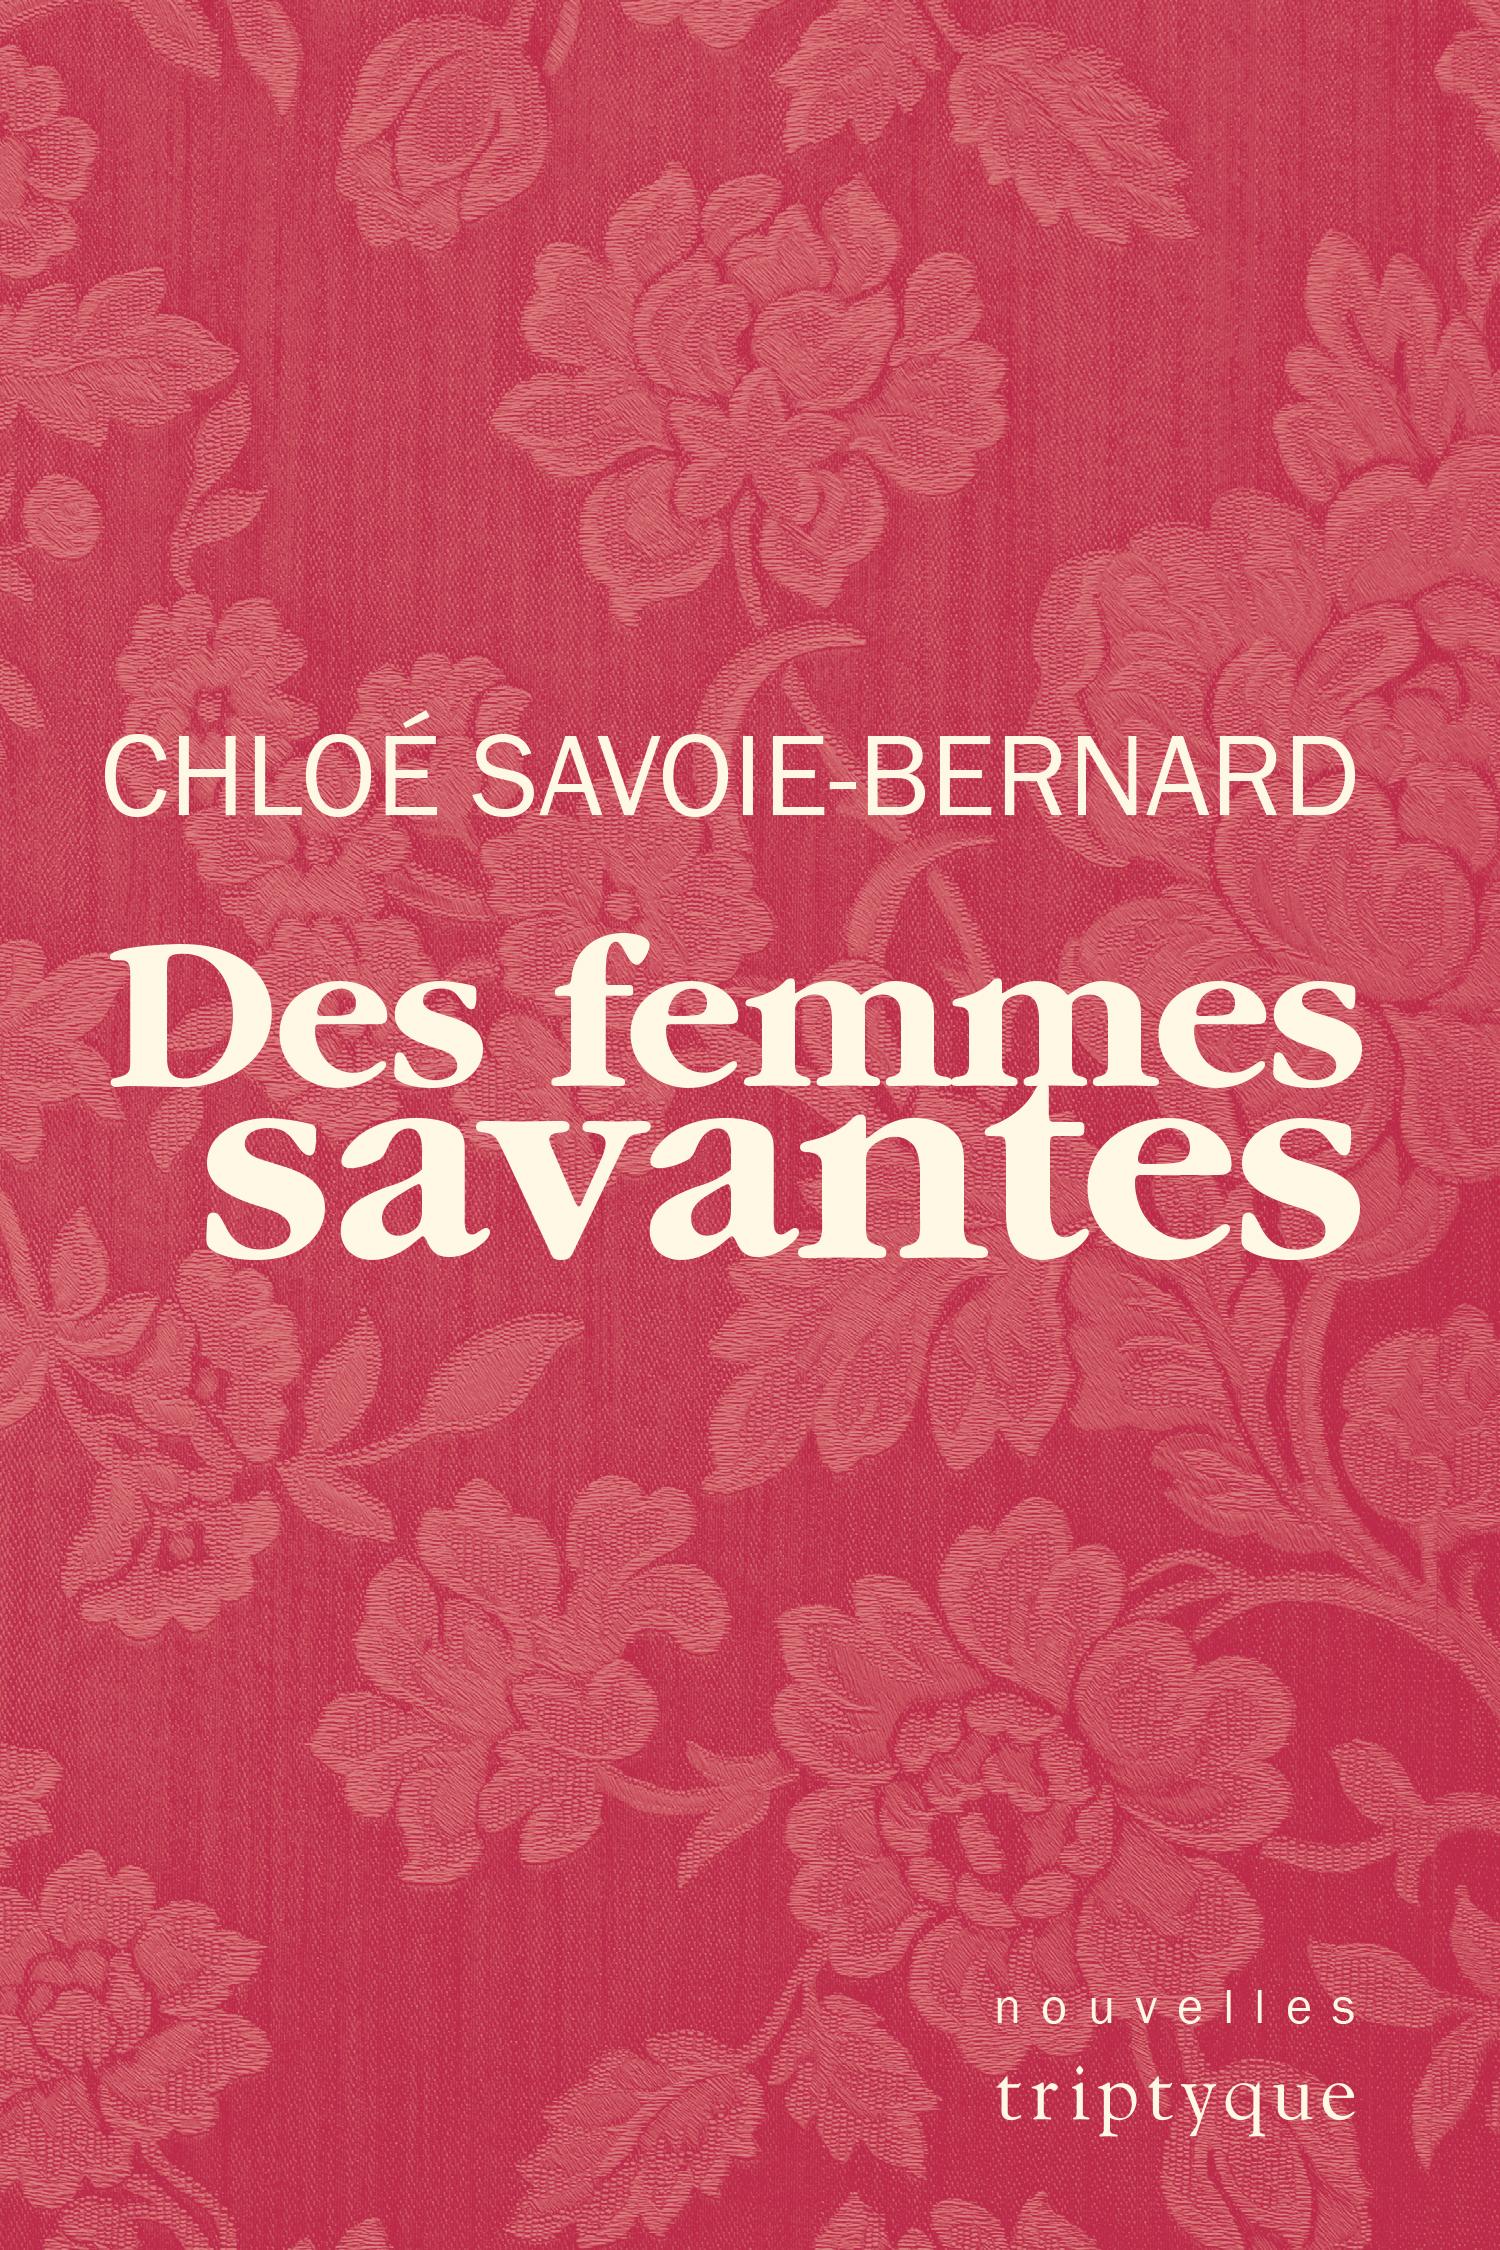 Résultats de recherche d'images pour «les femmes savantes livre chloé»